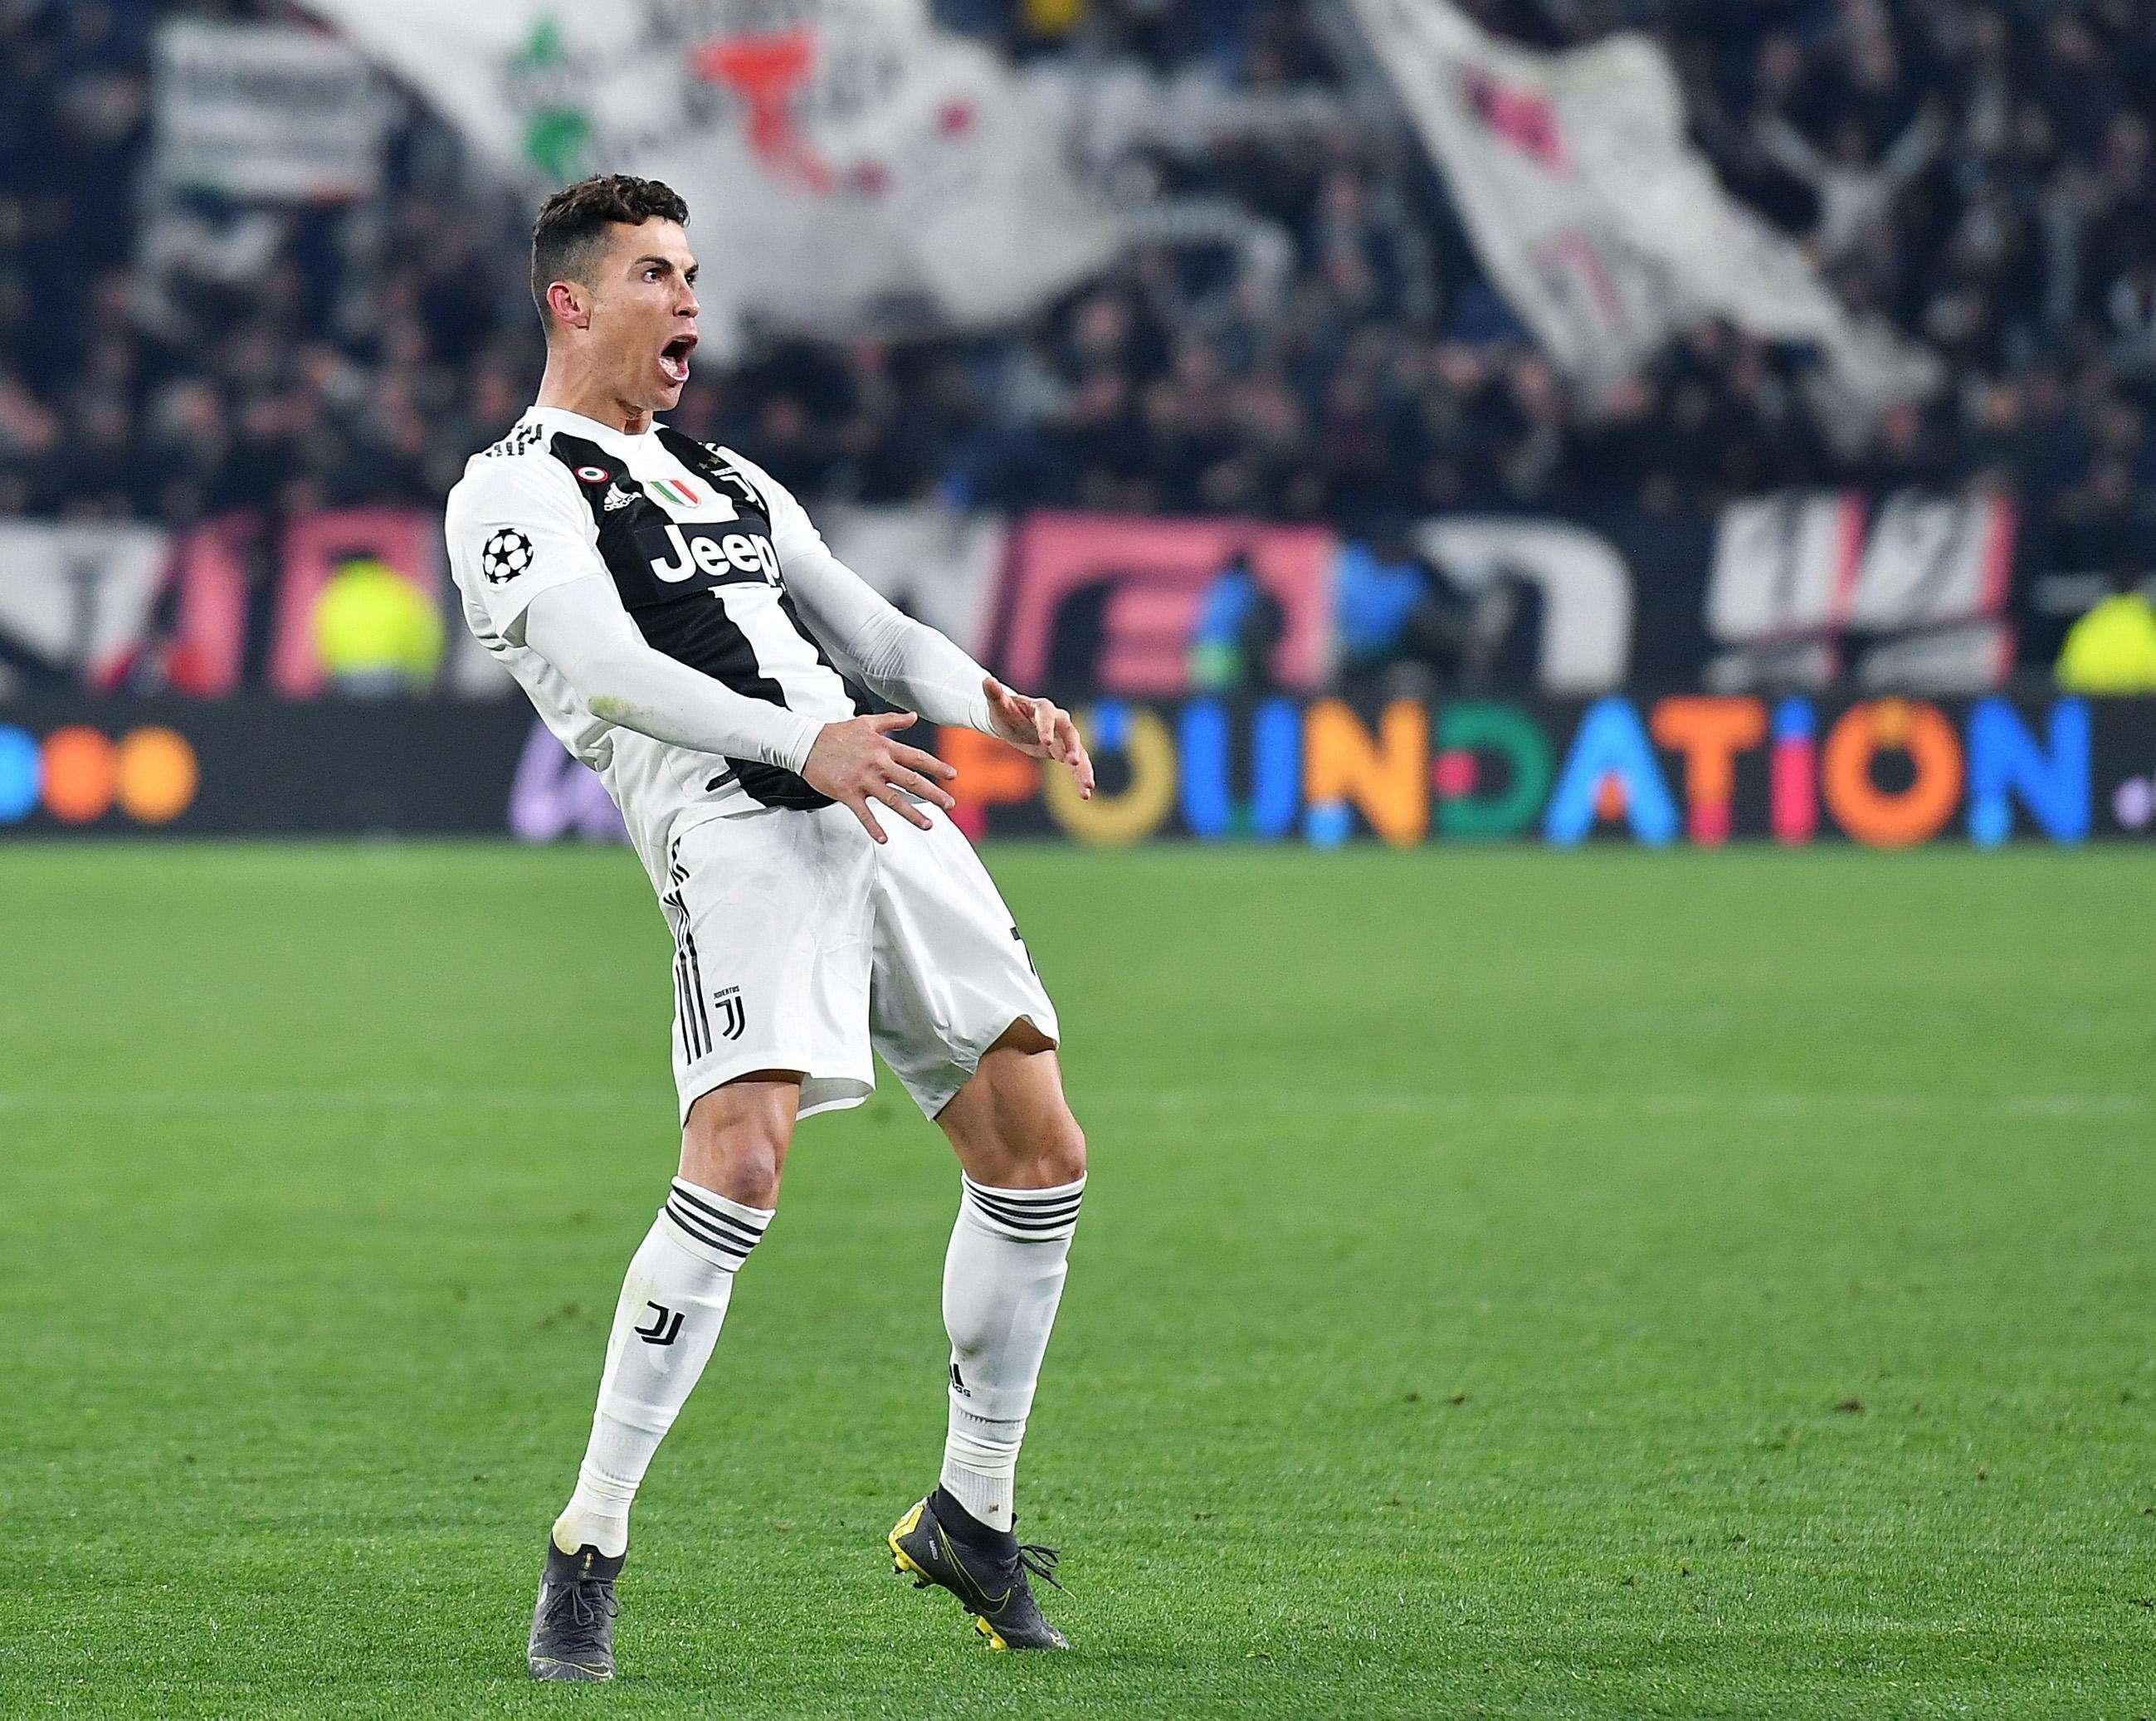 Cristiano celebra la clasificación de su equipo al final del partido de vuelta por los octavos de final. /EFE